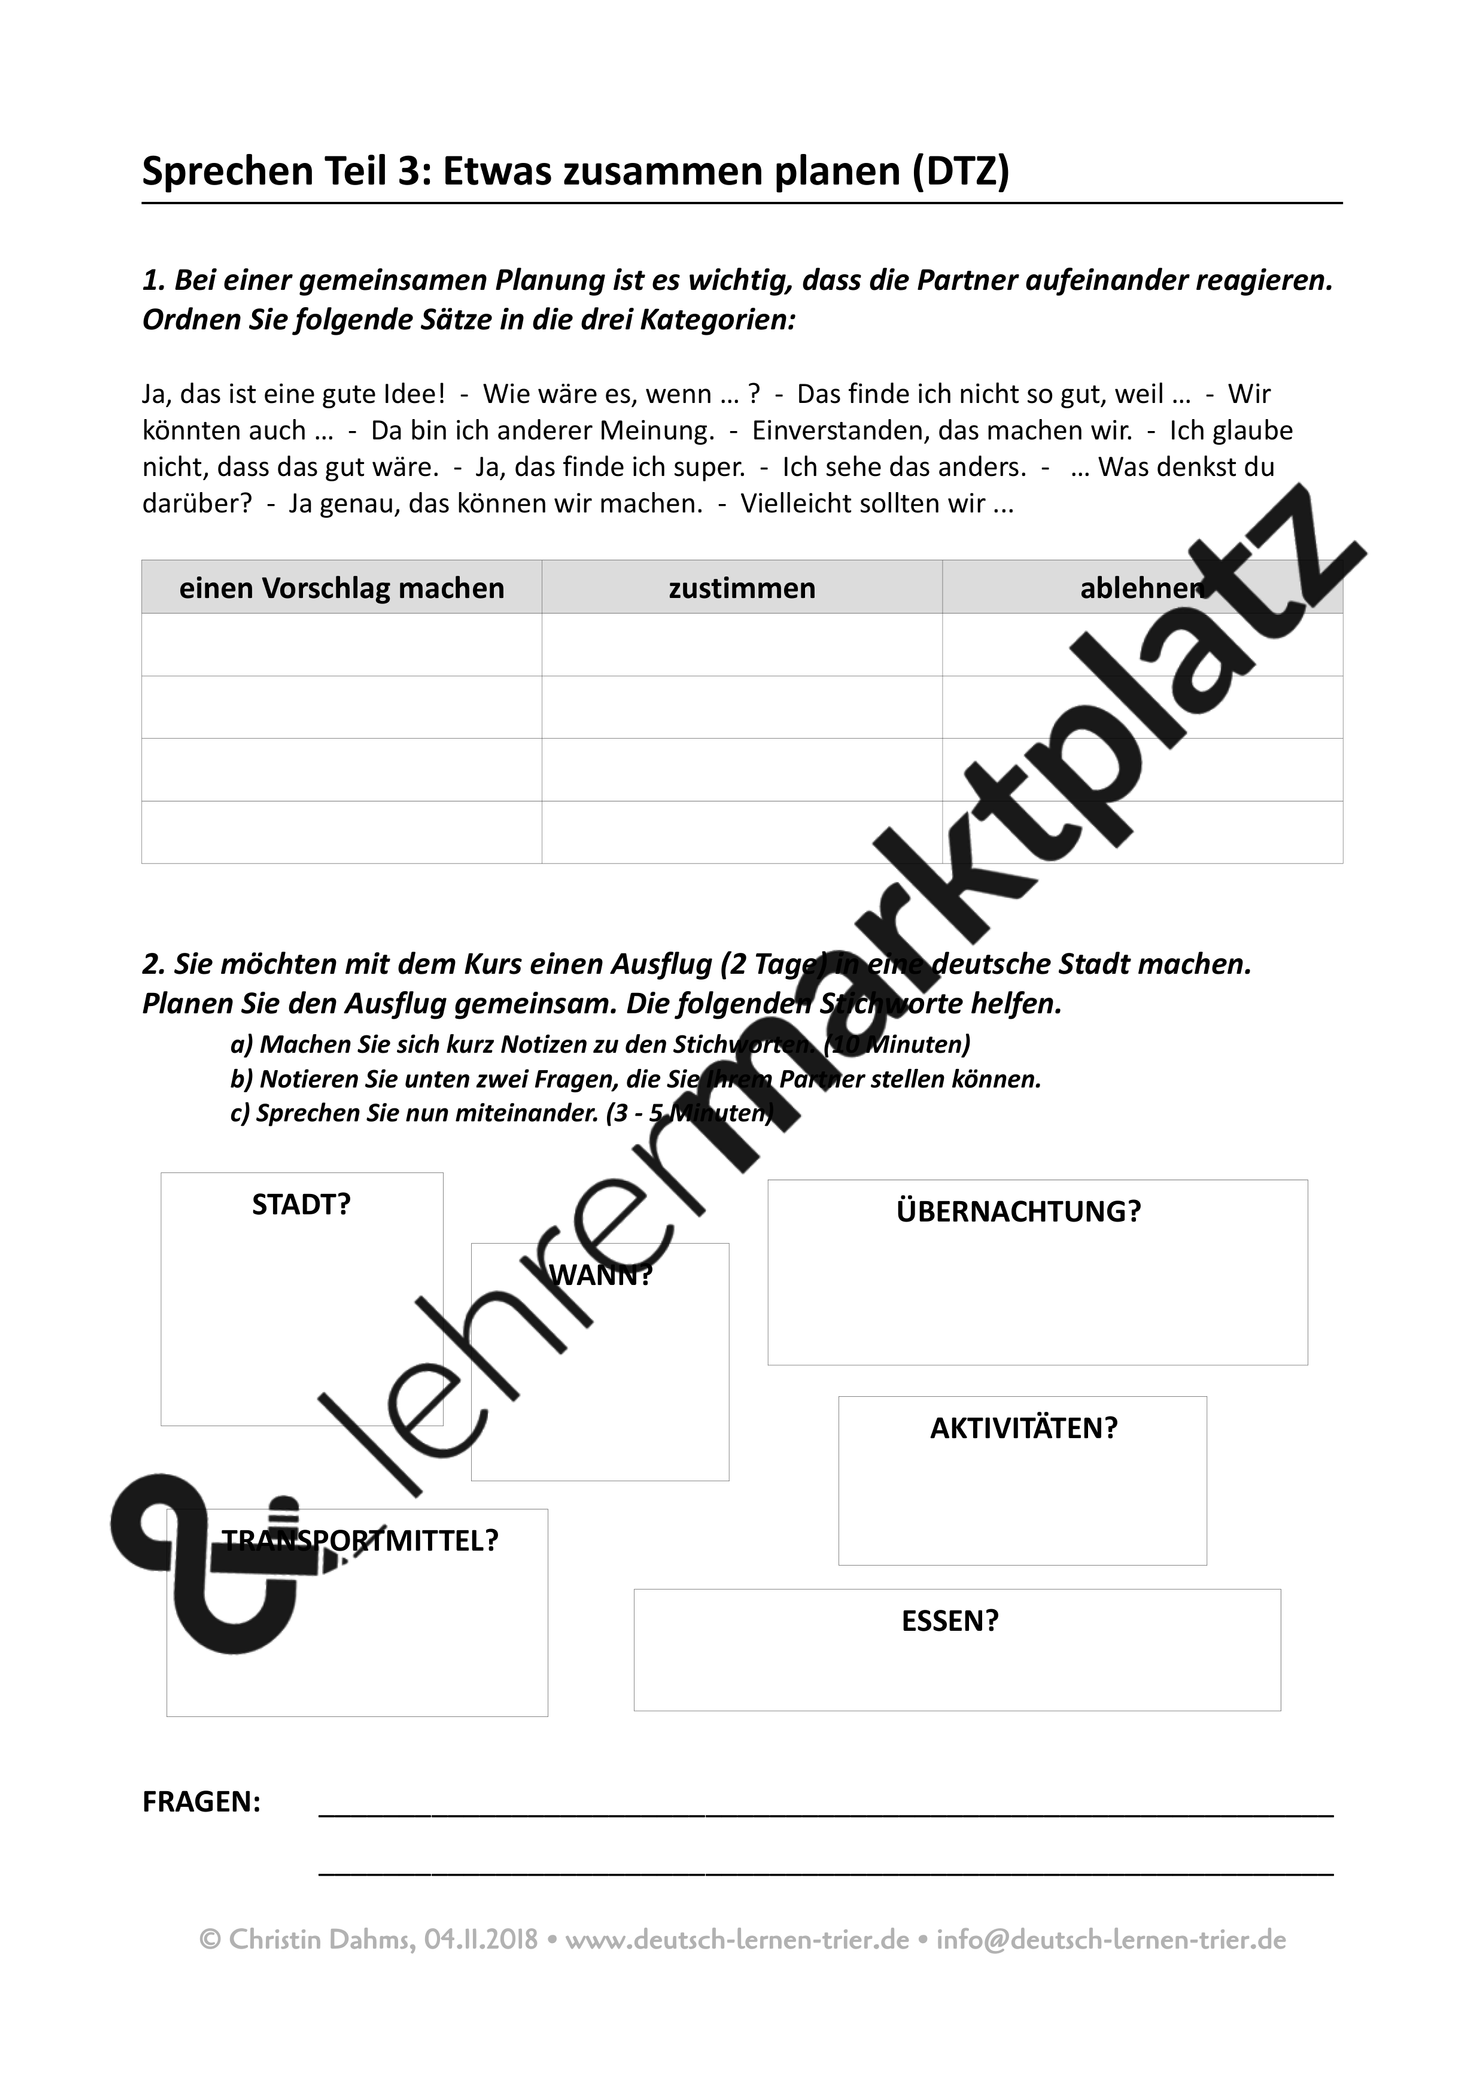 B1 Dtz Sprechen Teil 3 Redemittel Und Sprechaufgabe Unterrichtsmaterial Im Fach Daz Daf Sprechubungen Sprechen Brief Deutsch